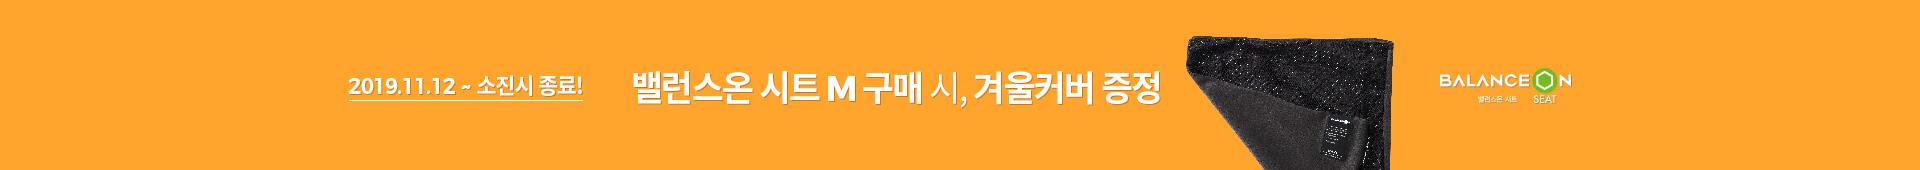 메인_띠배너1